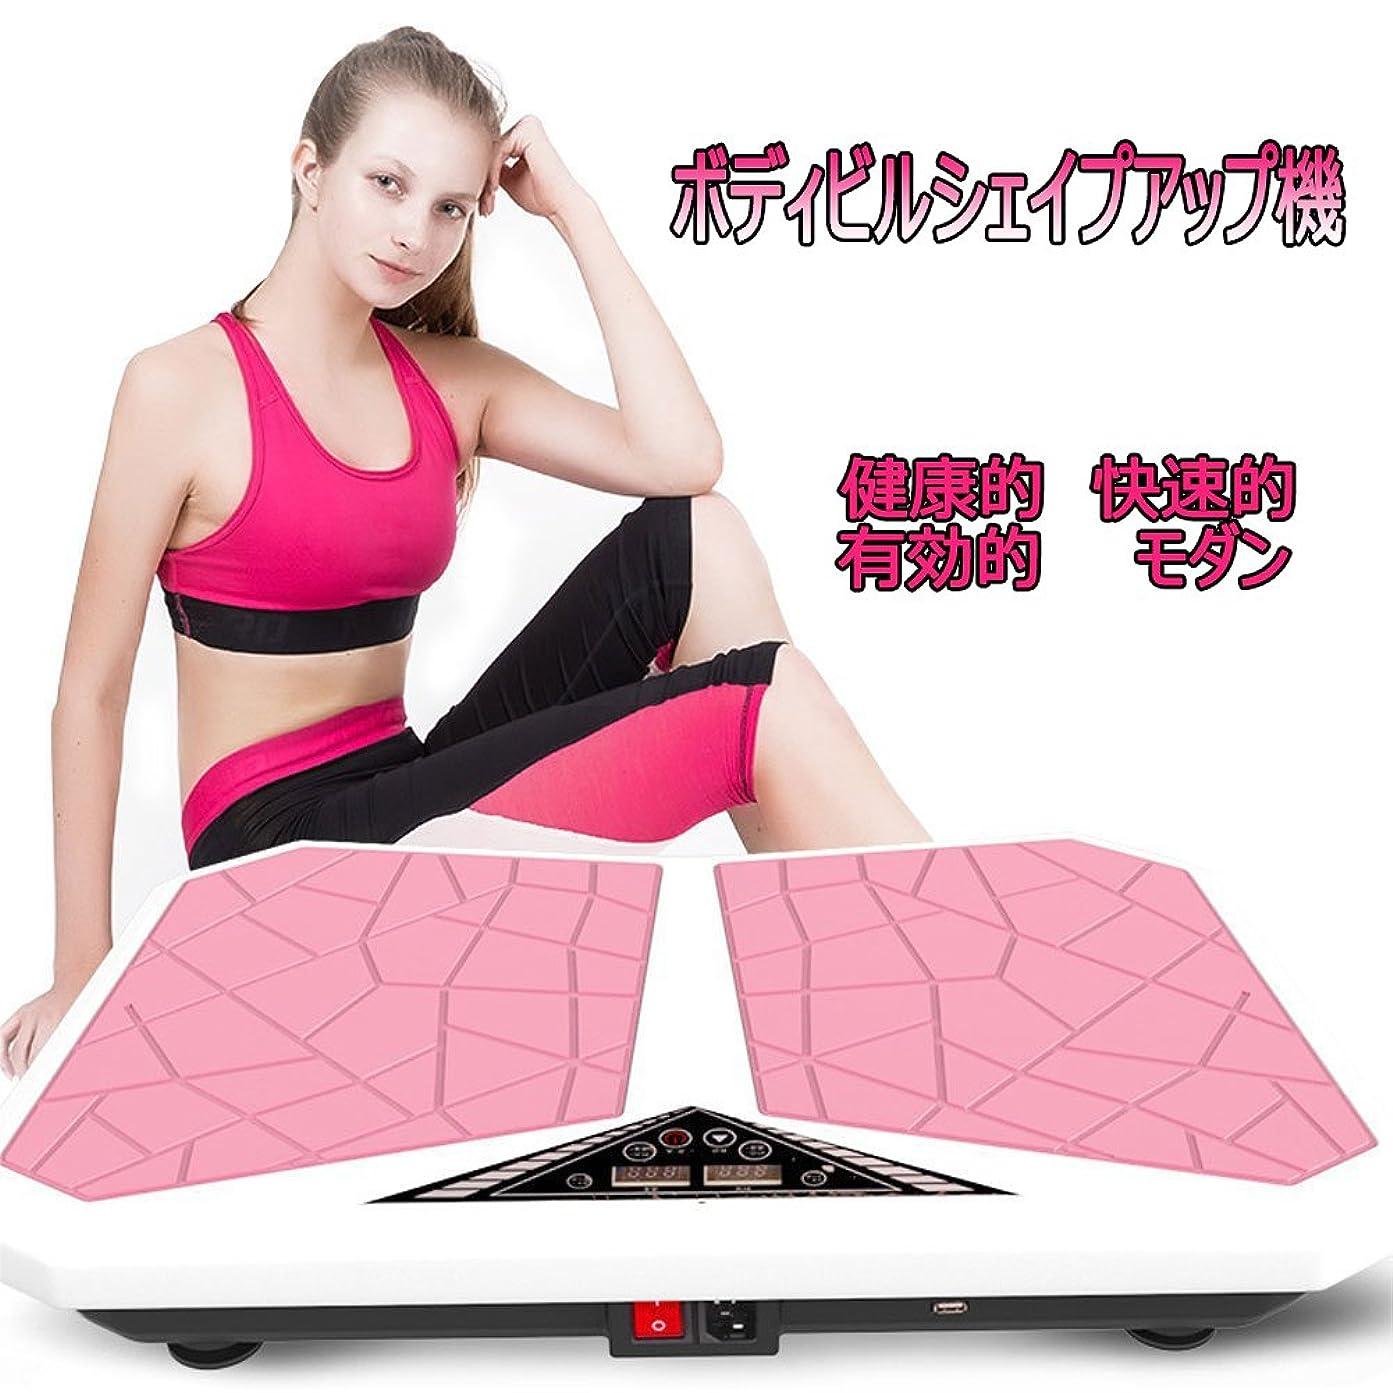 早める毒[1年保証] PSE認証済 3D 振動マシン ダイエット速い Bluetooth 腰 ブルブル マシーン 振動 フィットネスマシン 器具 振動 エクササイズ 上下 振動